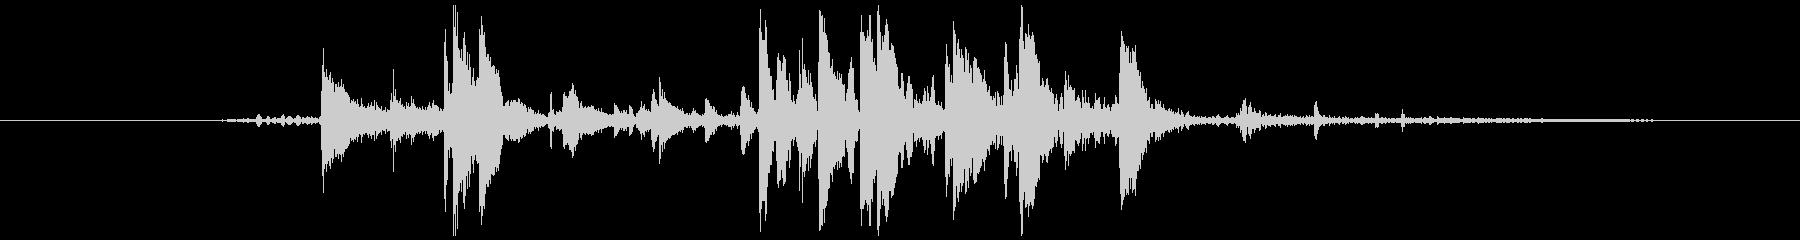 キーホルダーなど (チャリッ)の未再生の波形